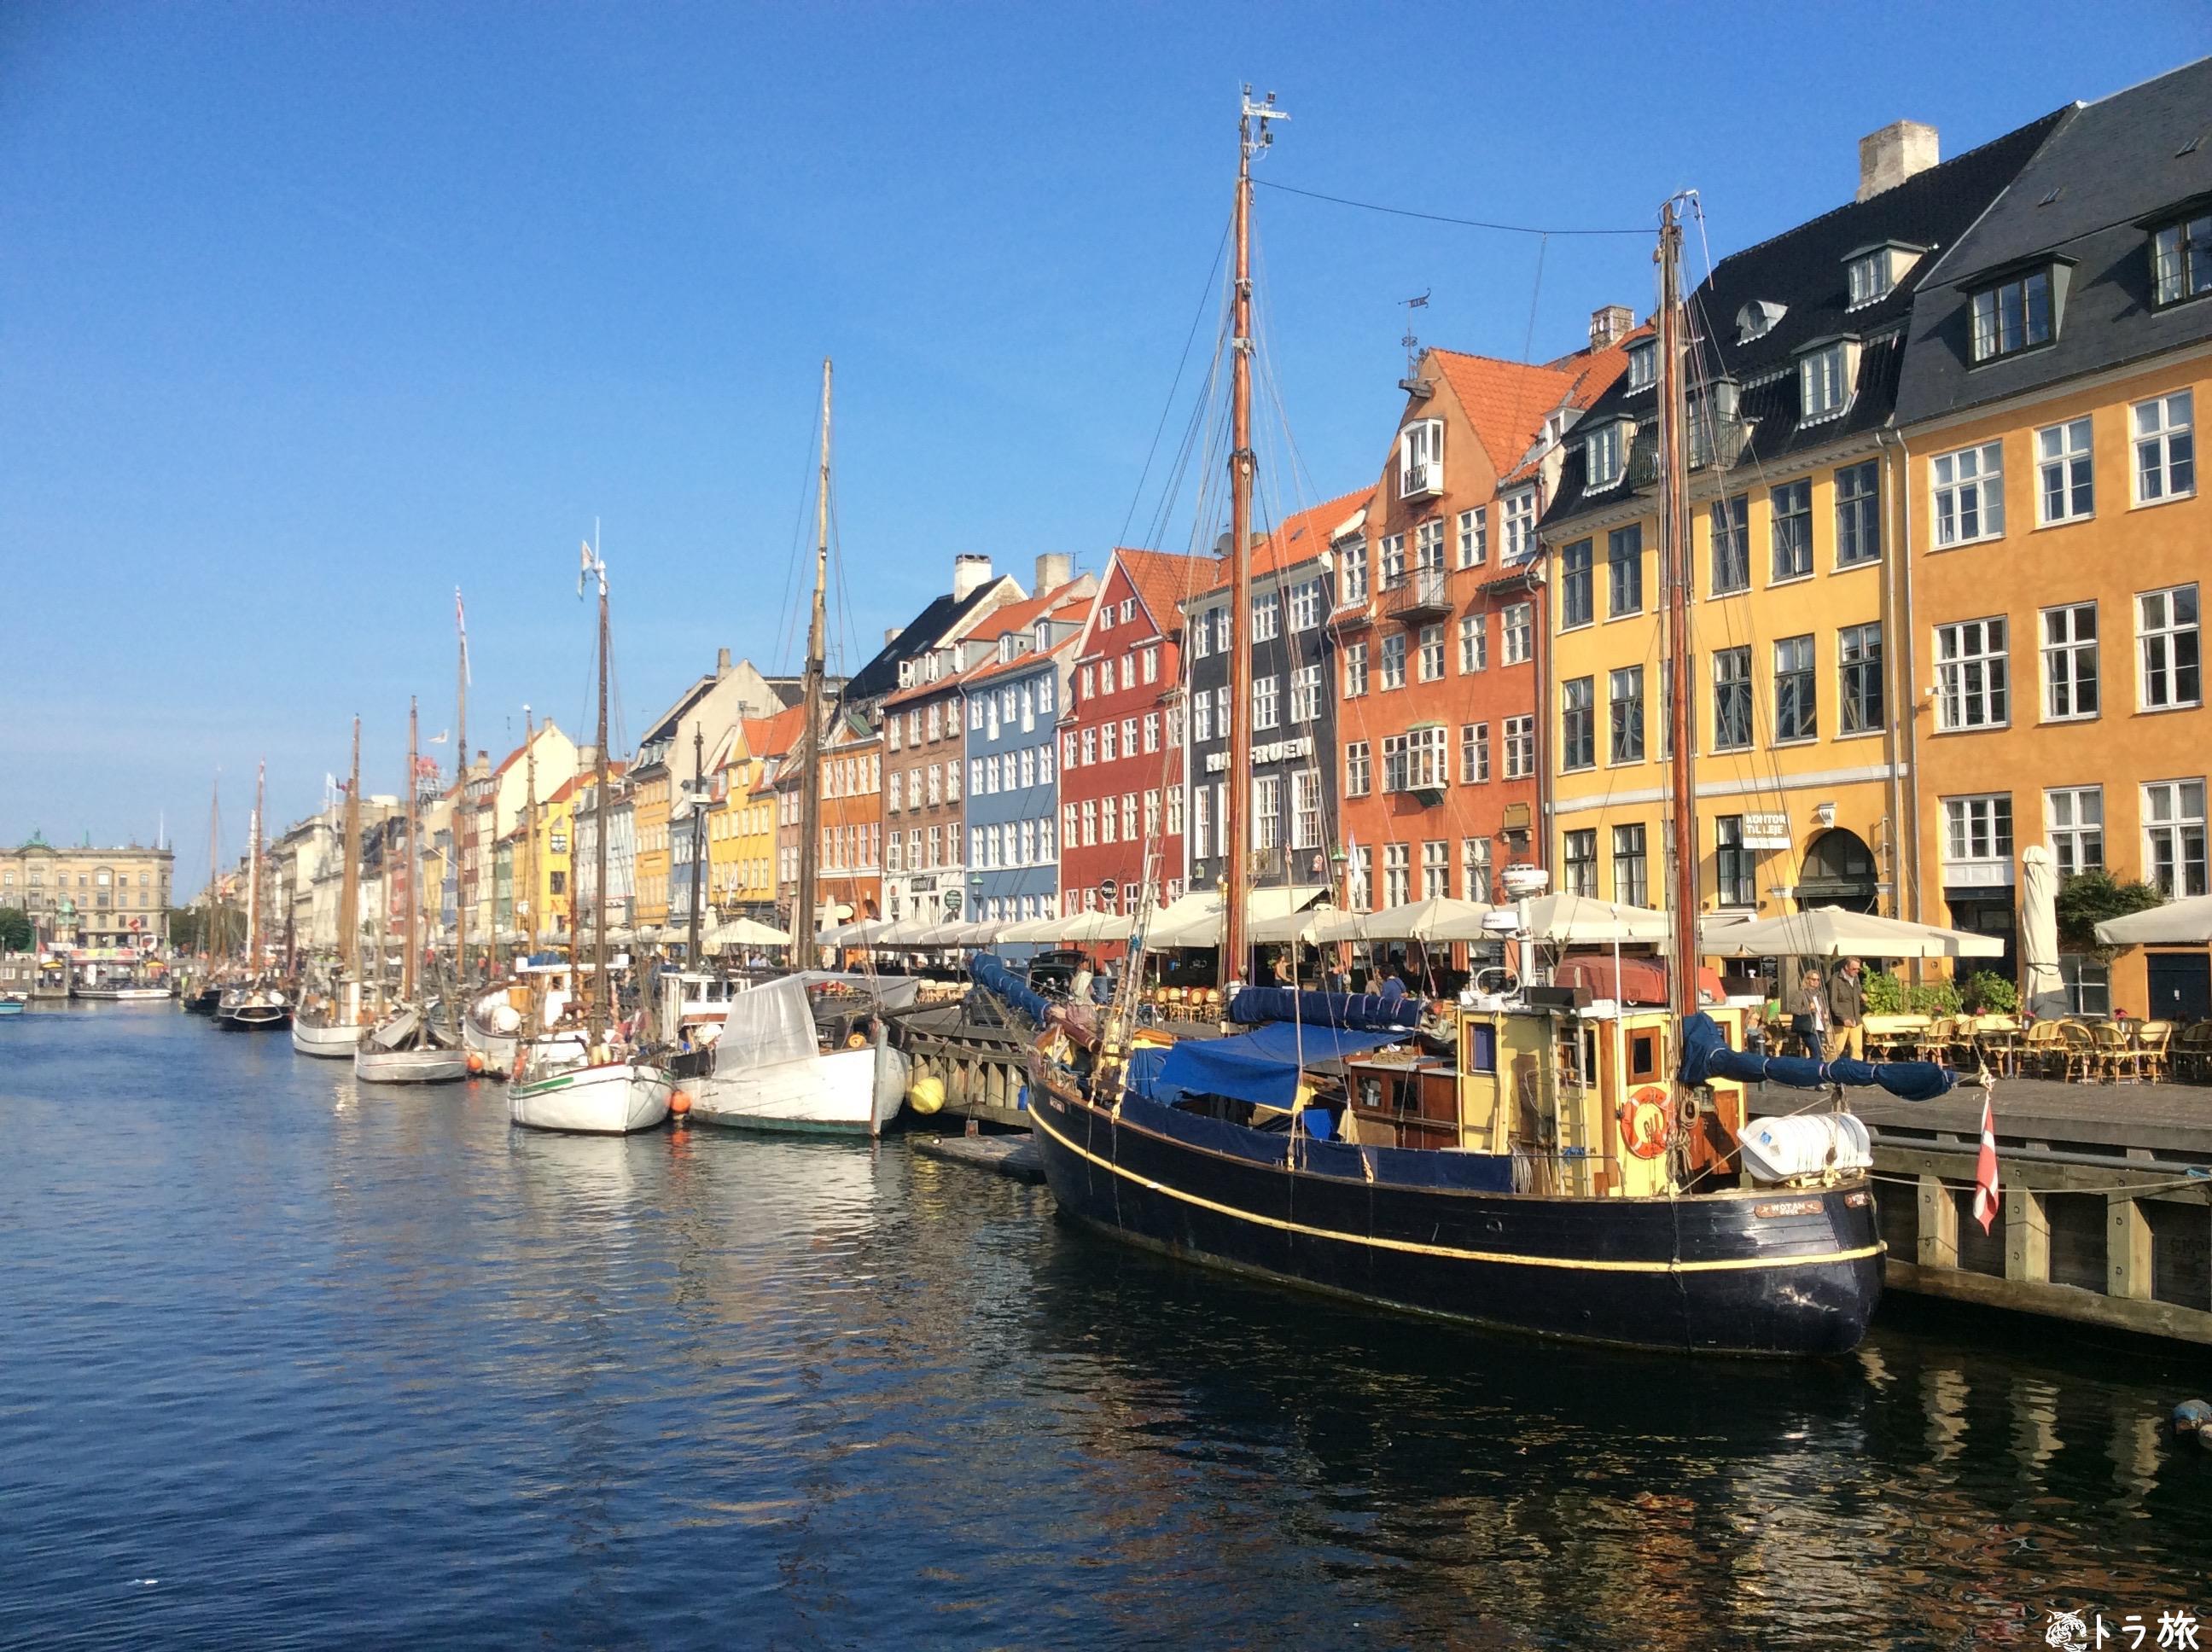 【コペンハーゲン】カラフルな港町ニューハウン【デンマーク】